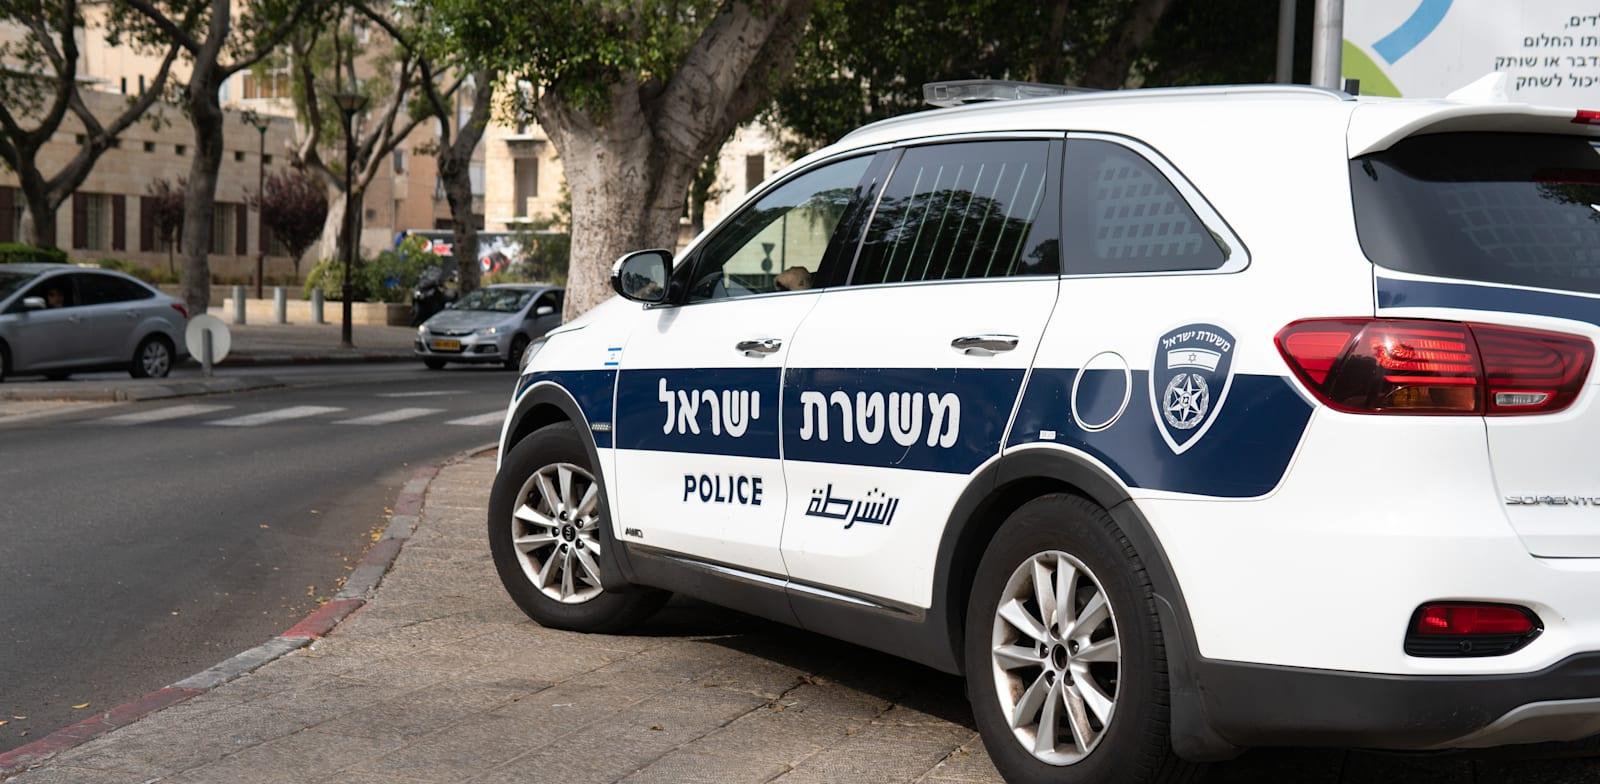 ניידת של המשטרה בחיפה / צילום: Shutterstock, Georgy Dzyura